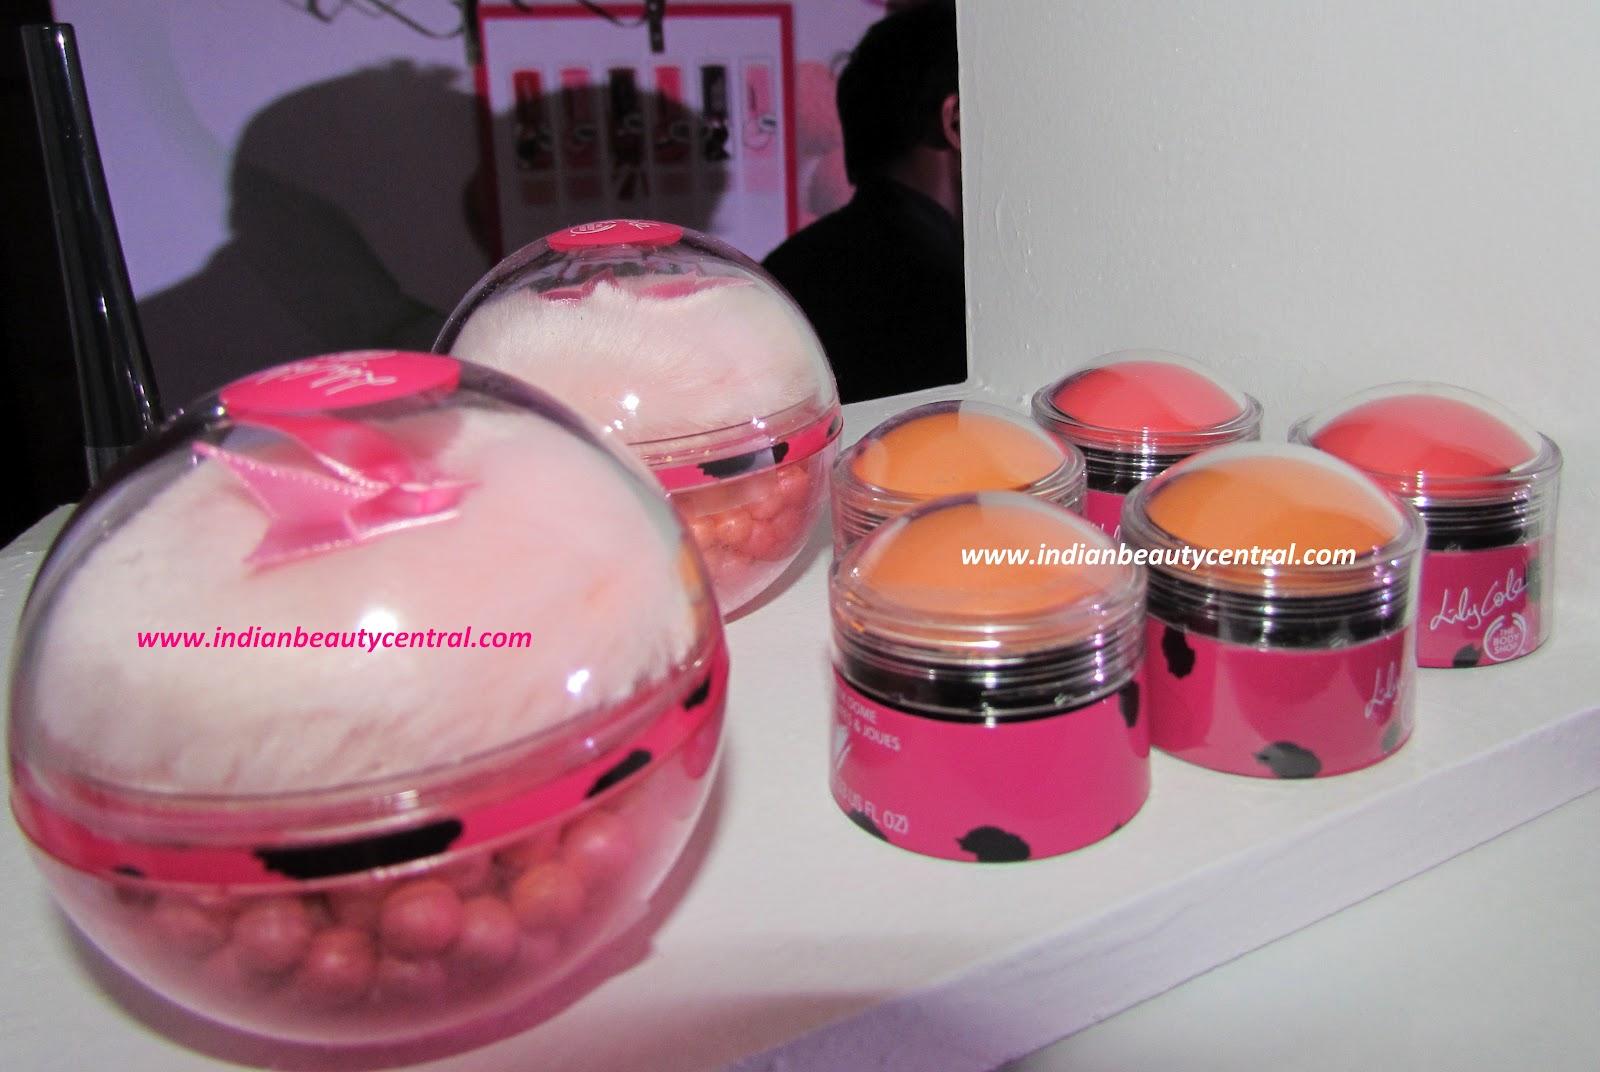 http://4.bp.blogspot.com/-n53mPODObr4/UCUezPKbiVI/AAAAAAAAHnk/jZuCBsVc1nE/s1600/tbs+lily+cole+makeup+1.jpg